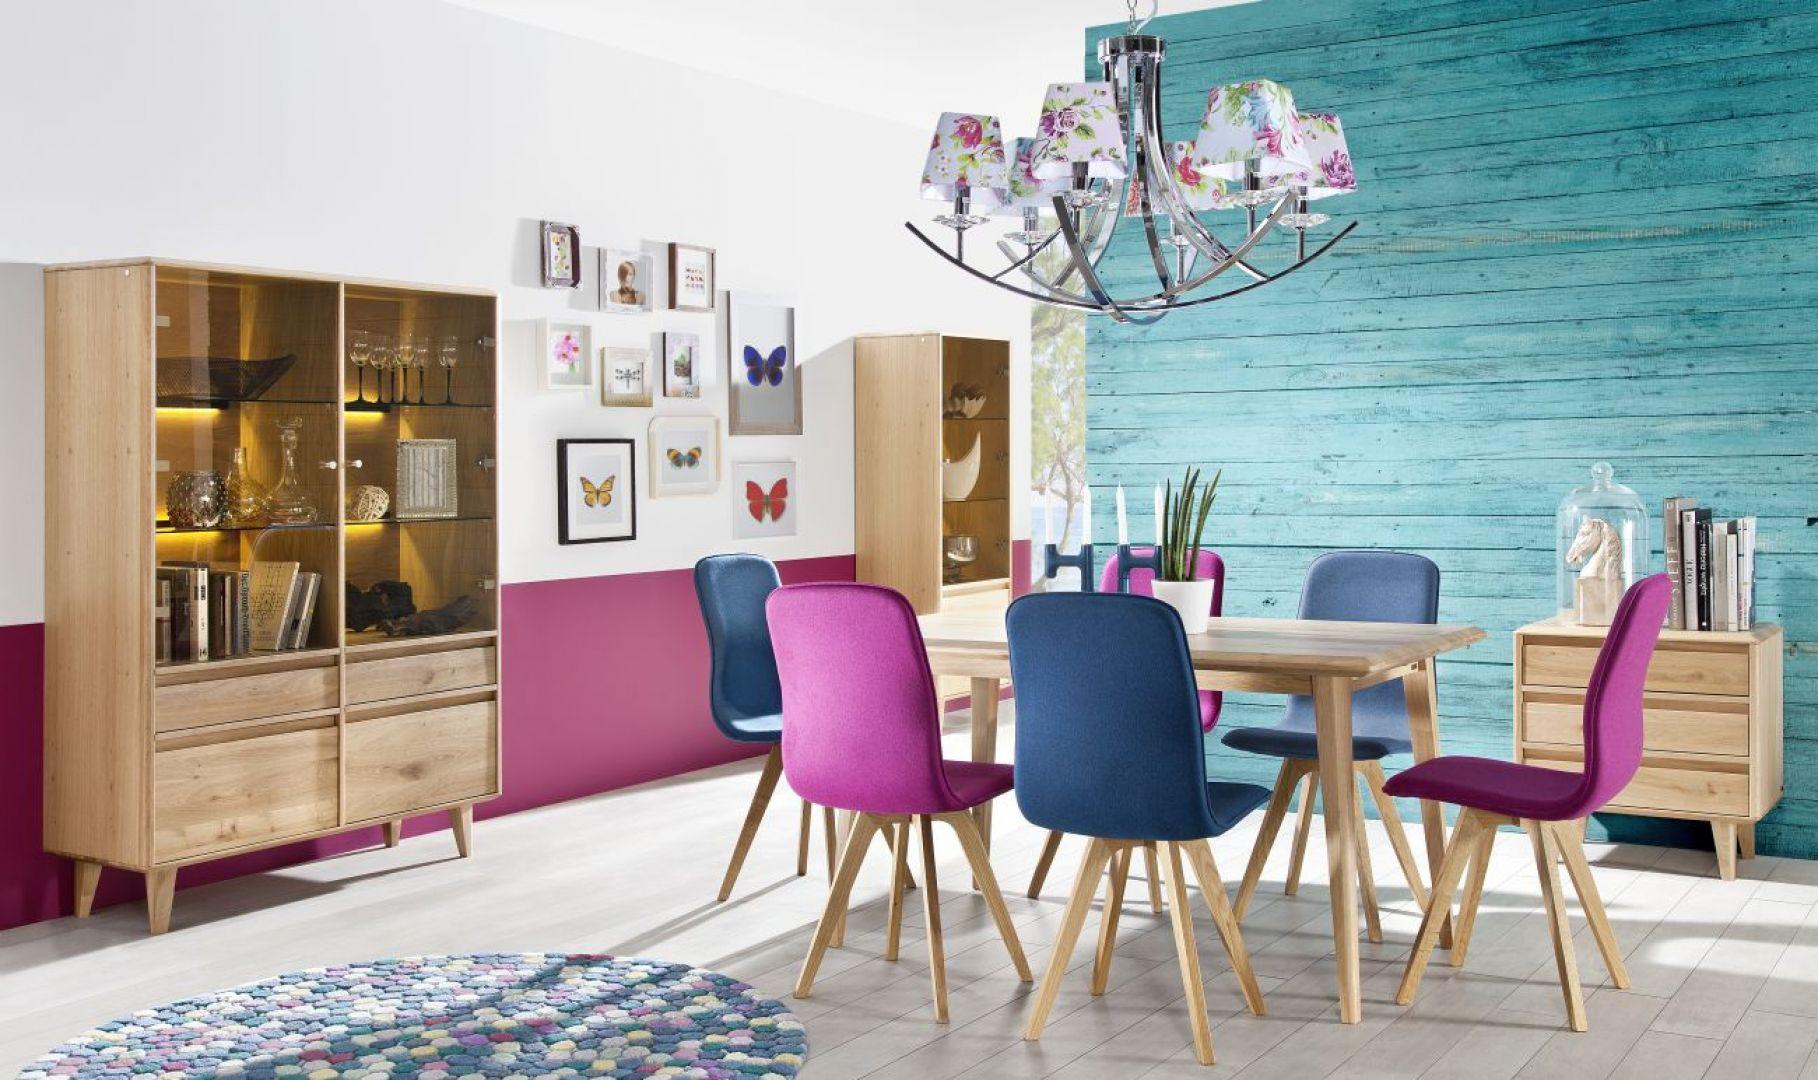 Jadalnia Lovell zachwyca pięknem naturalnego drewna. Dla uzyskania bardziej nowoczesnej stylizacji, połączono je z kolorowymi krzesłami. Fot. Matkowski Meble